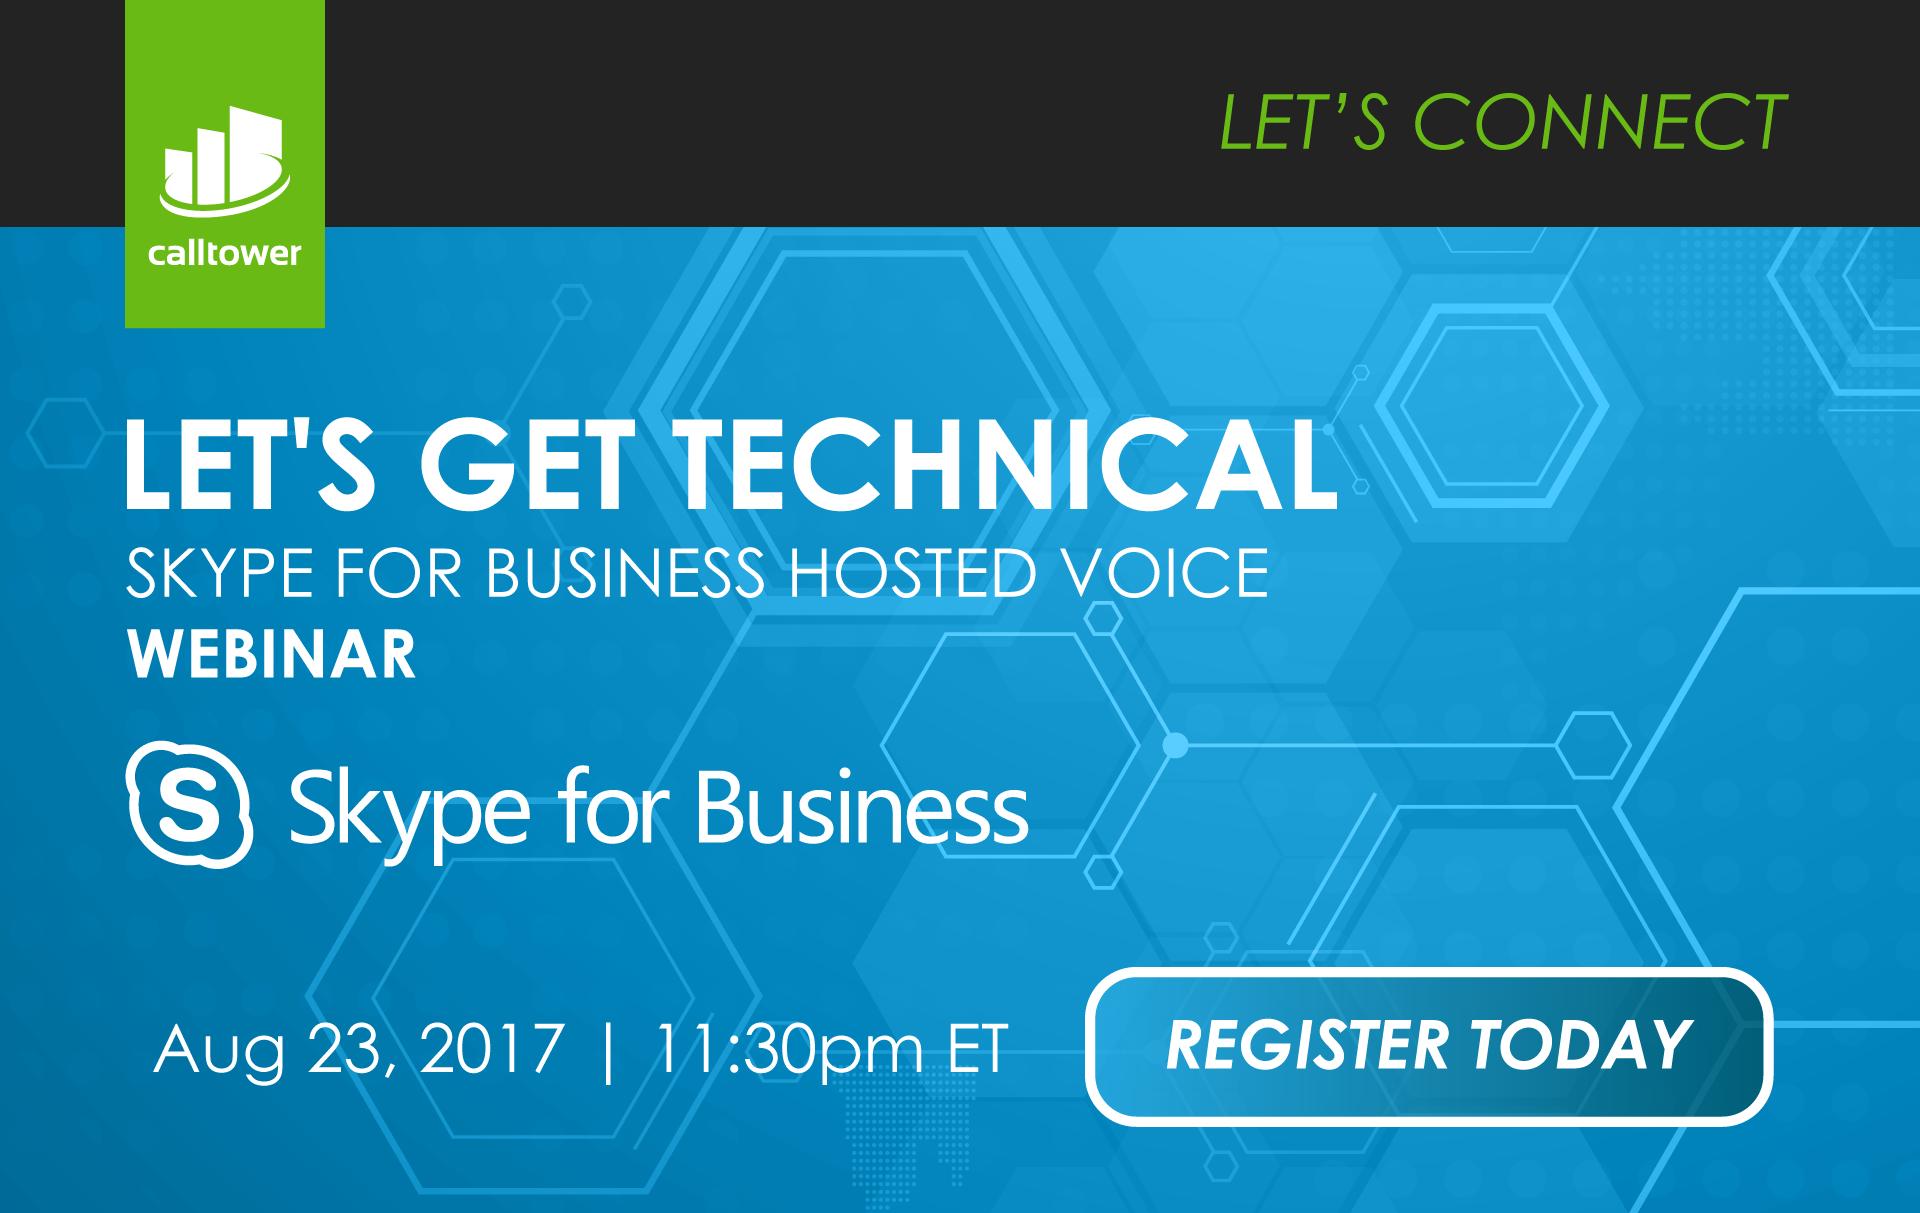 Let's Get Technical - Skype4B Webinar